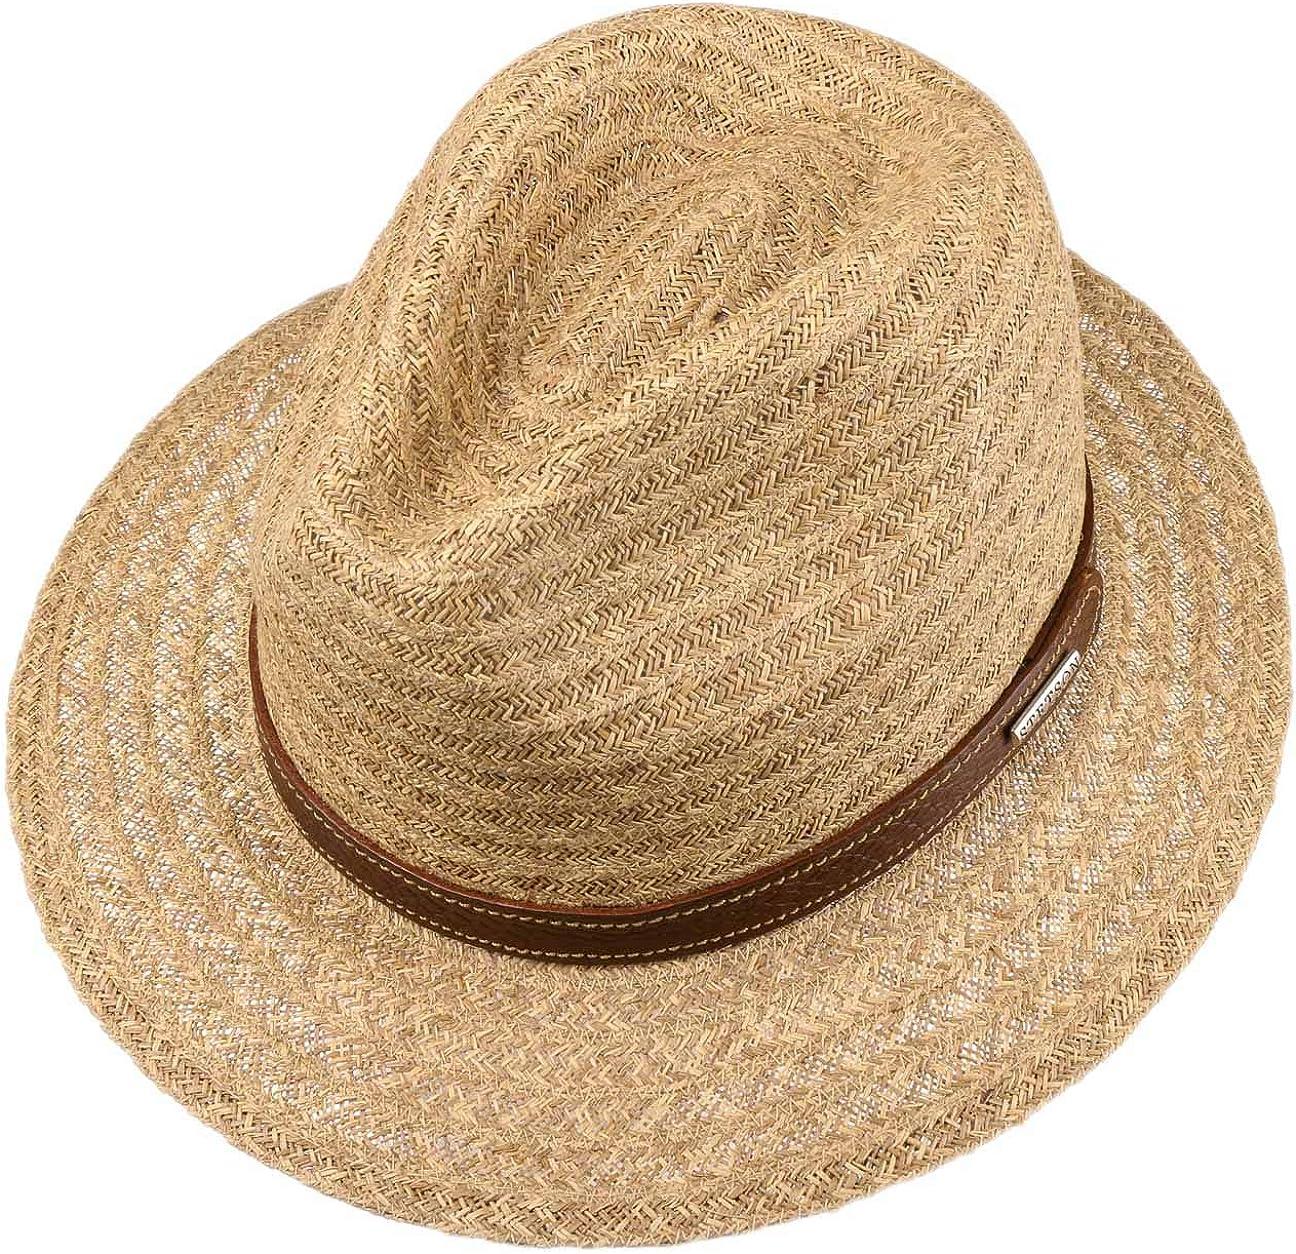 Stetson Cappello in Rafia Barnell Traveller Uomo di Paglia Estivo da Sole con Fascia Pelle Primavera//Estate